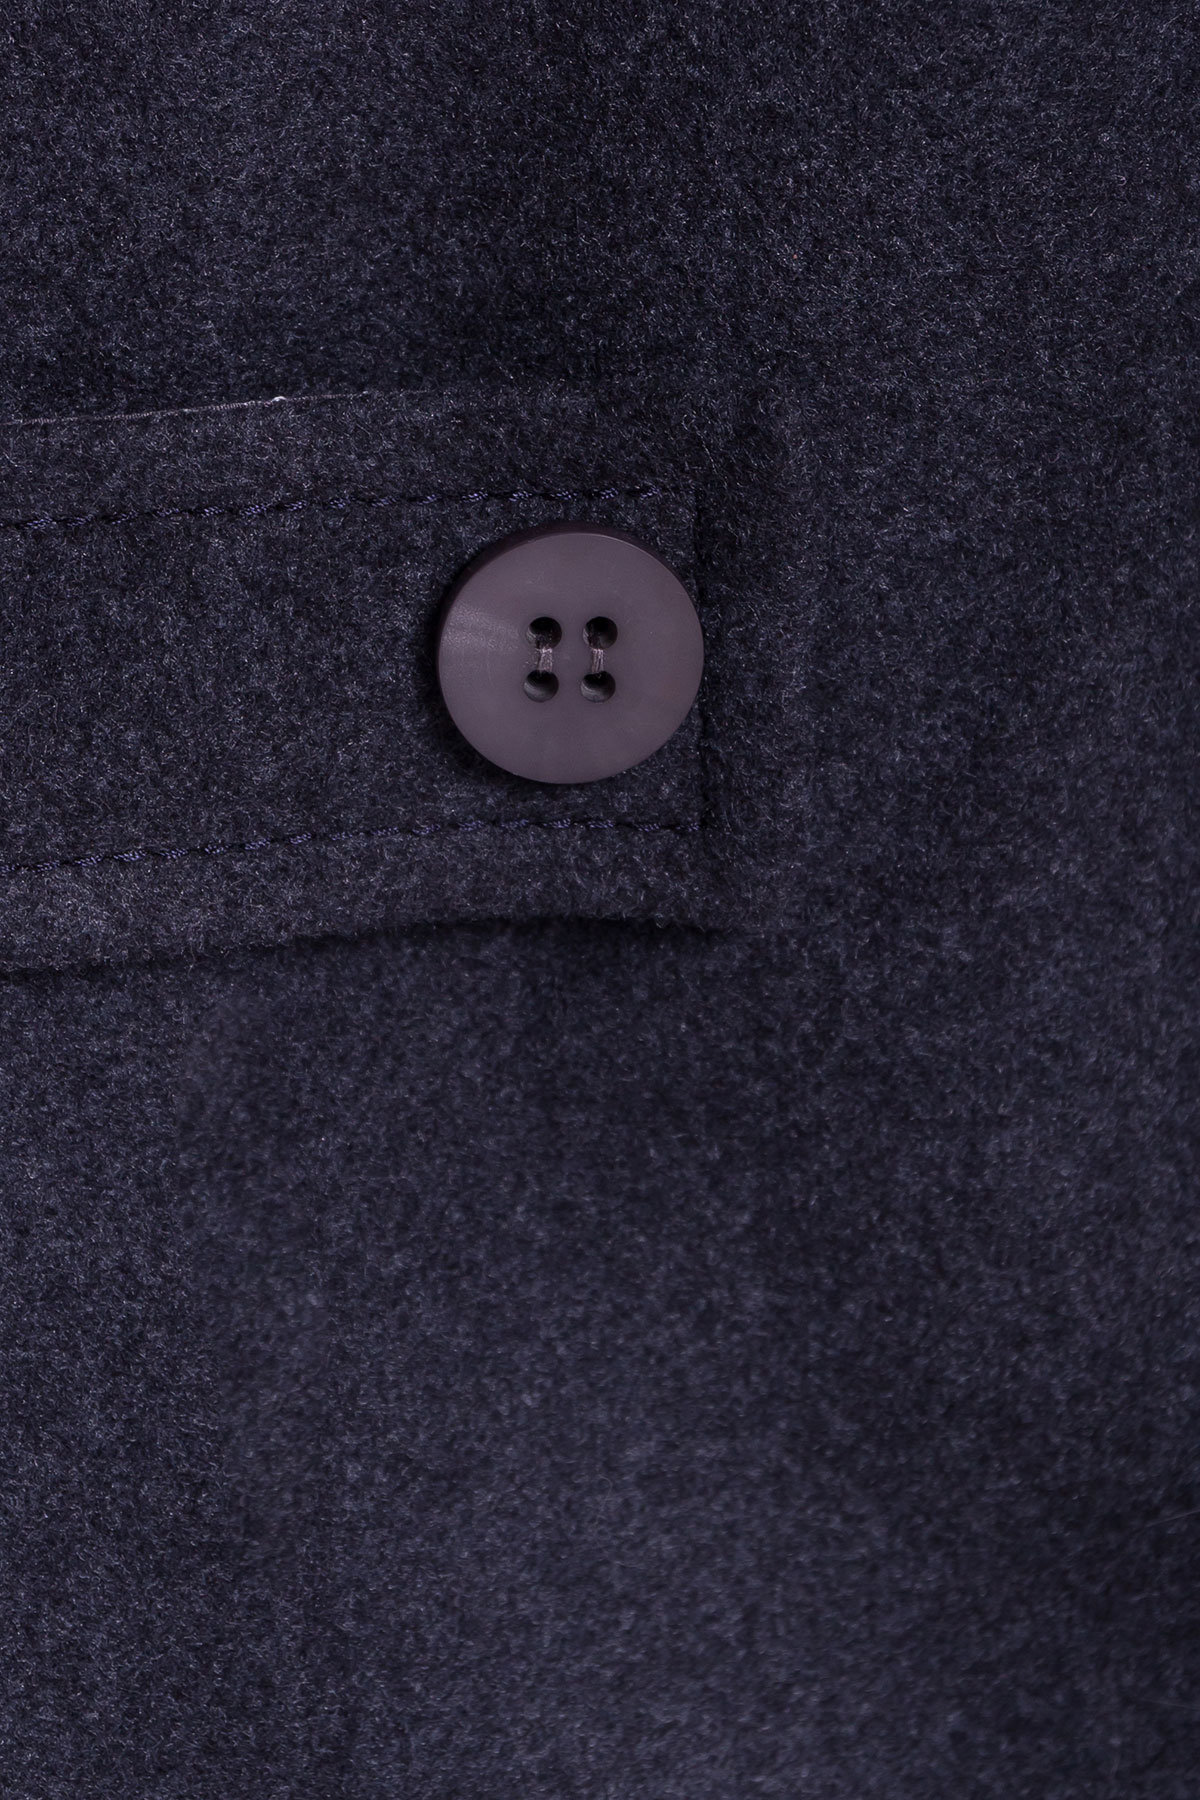 Пальто Латте 5365 АРТ. 36840 Цвет: Синий/Зеленый 72 - фото 5, интернет магазин tm-modus.ru